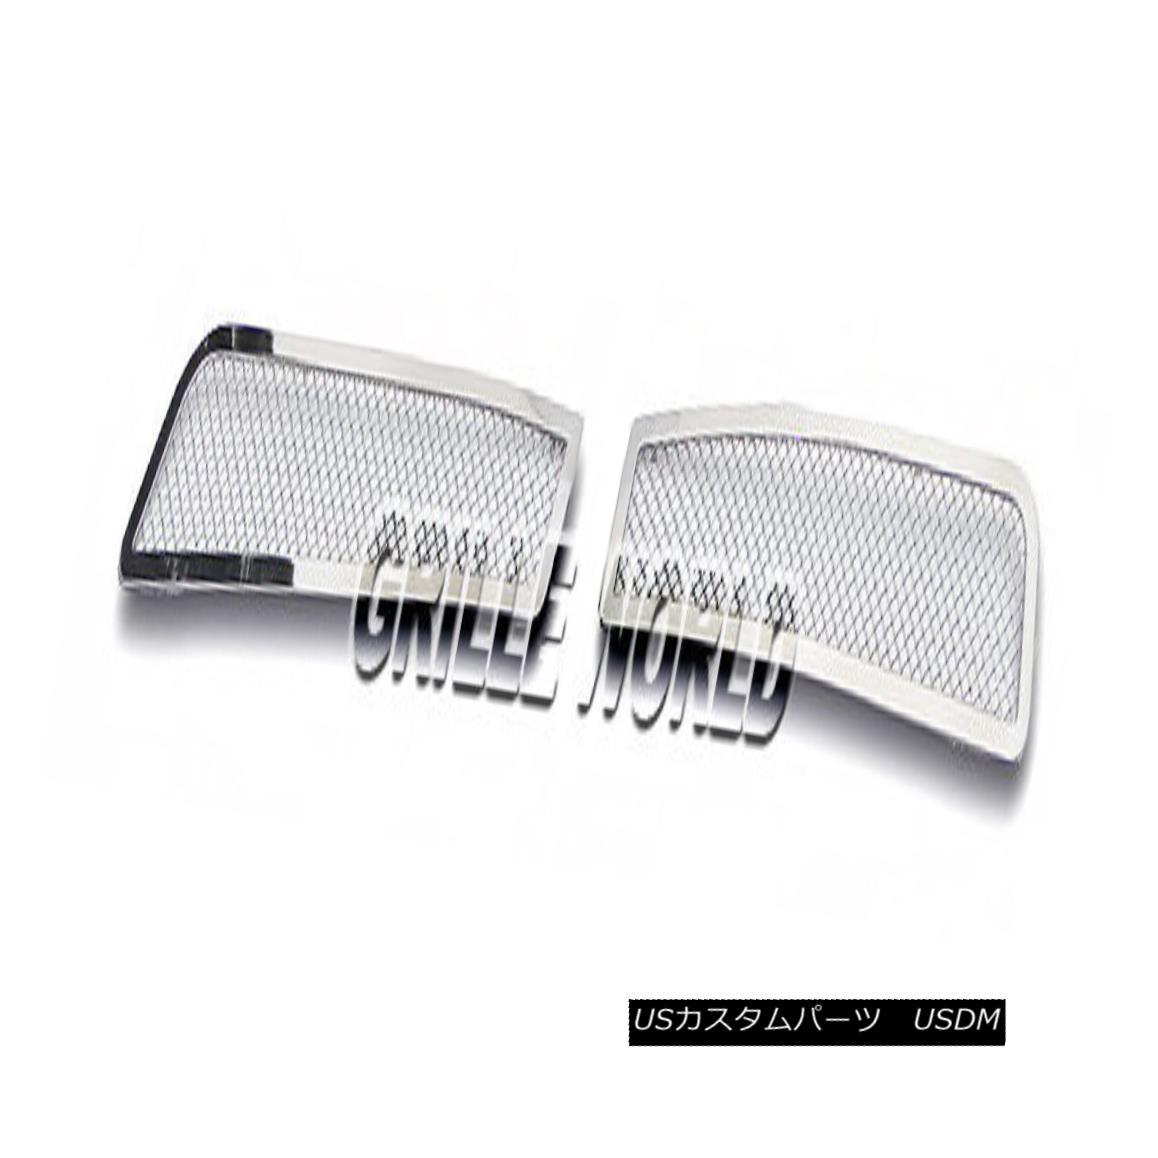 グリル For 08-09 Pontiac G8 Bumper Stainless Steel Mesh Premium Grille Insert 08-09ポンティアックG8バンパーステンレスメッシュプレミアムグリルインサート